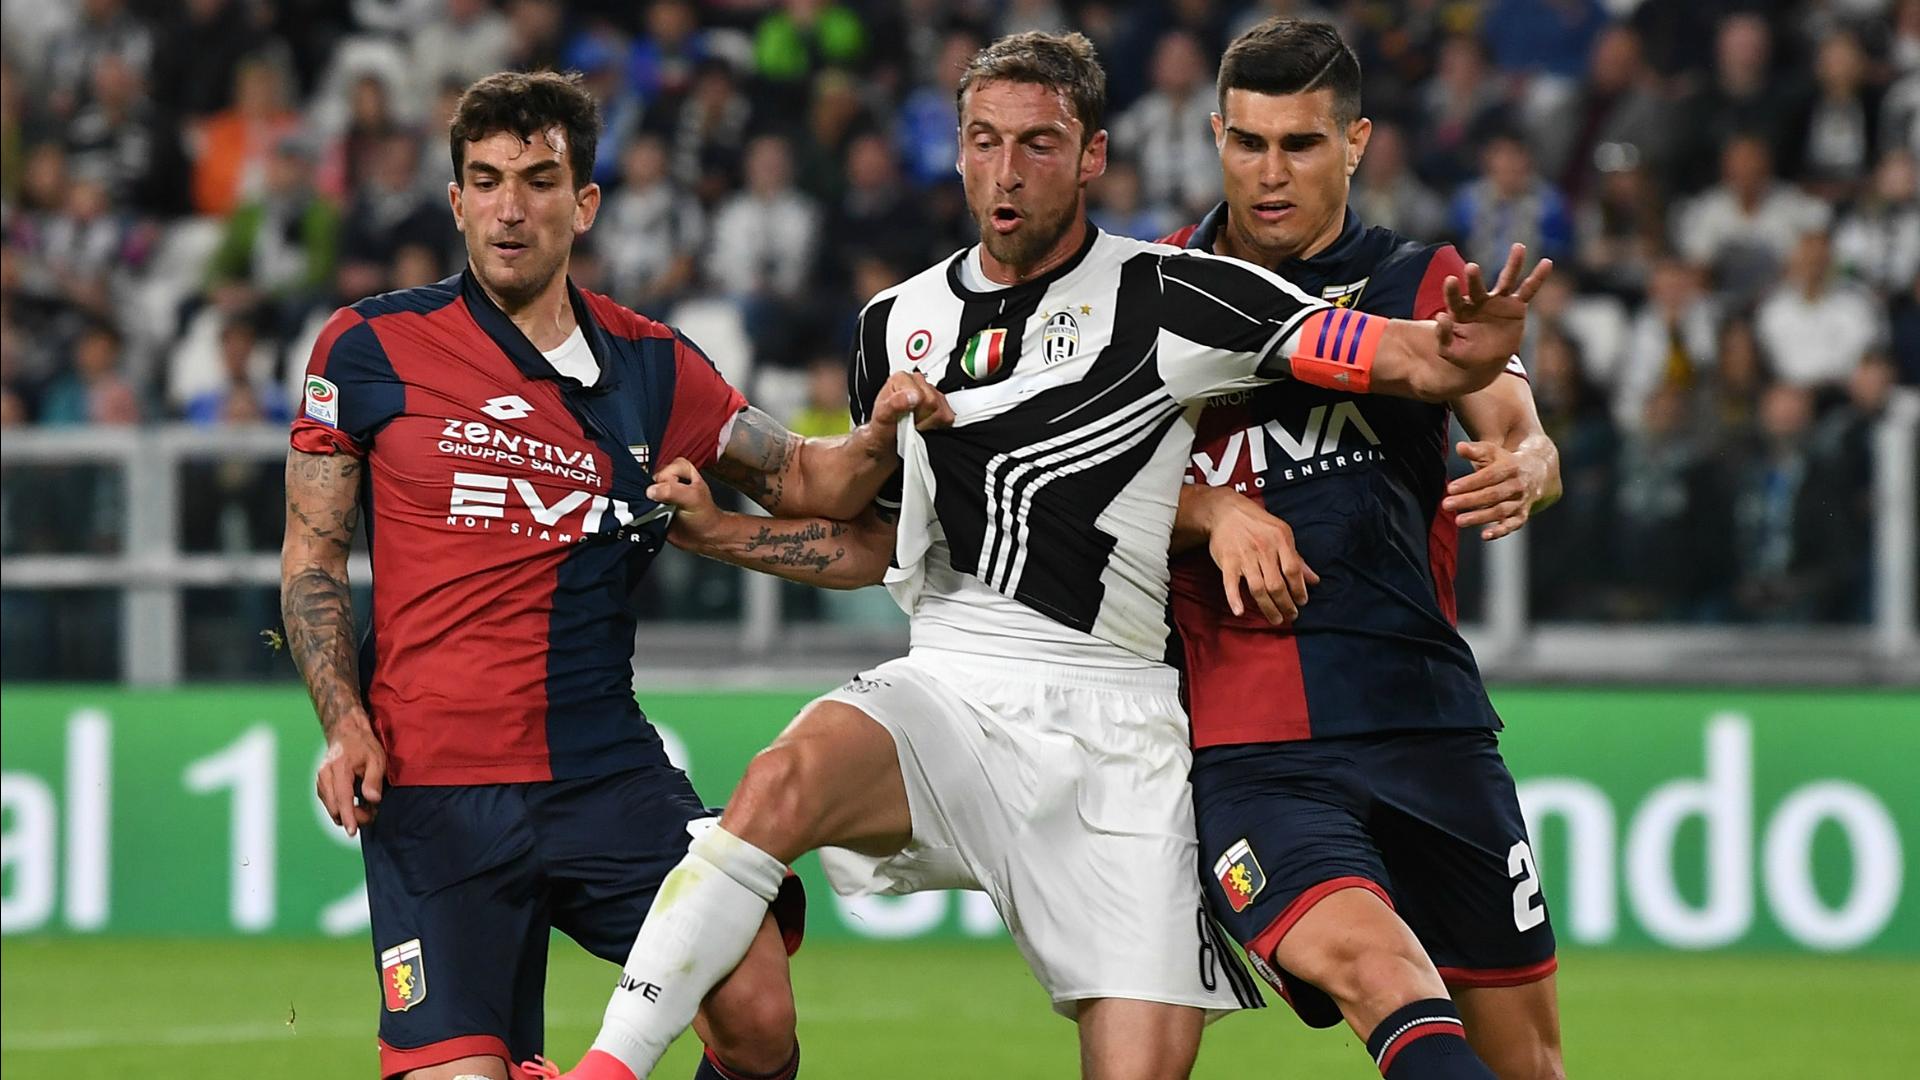 Calciomercato Juventus: offerta di 70 milioni per Alex Sandro dal Chelsea